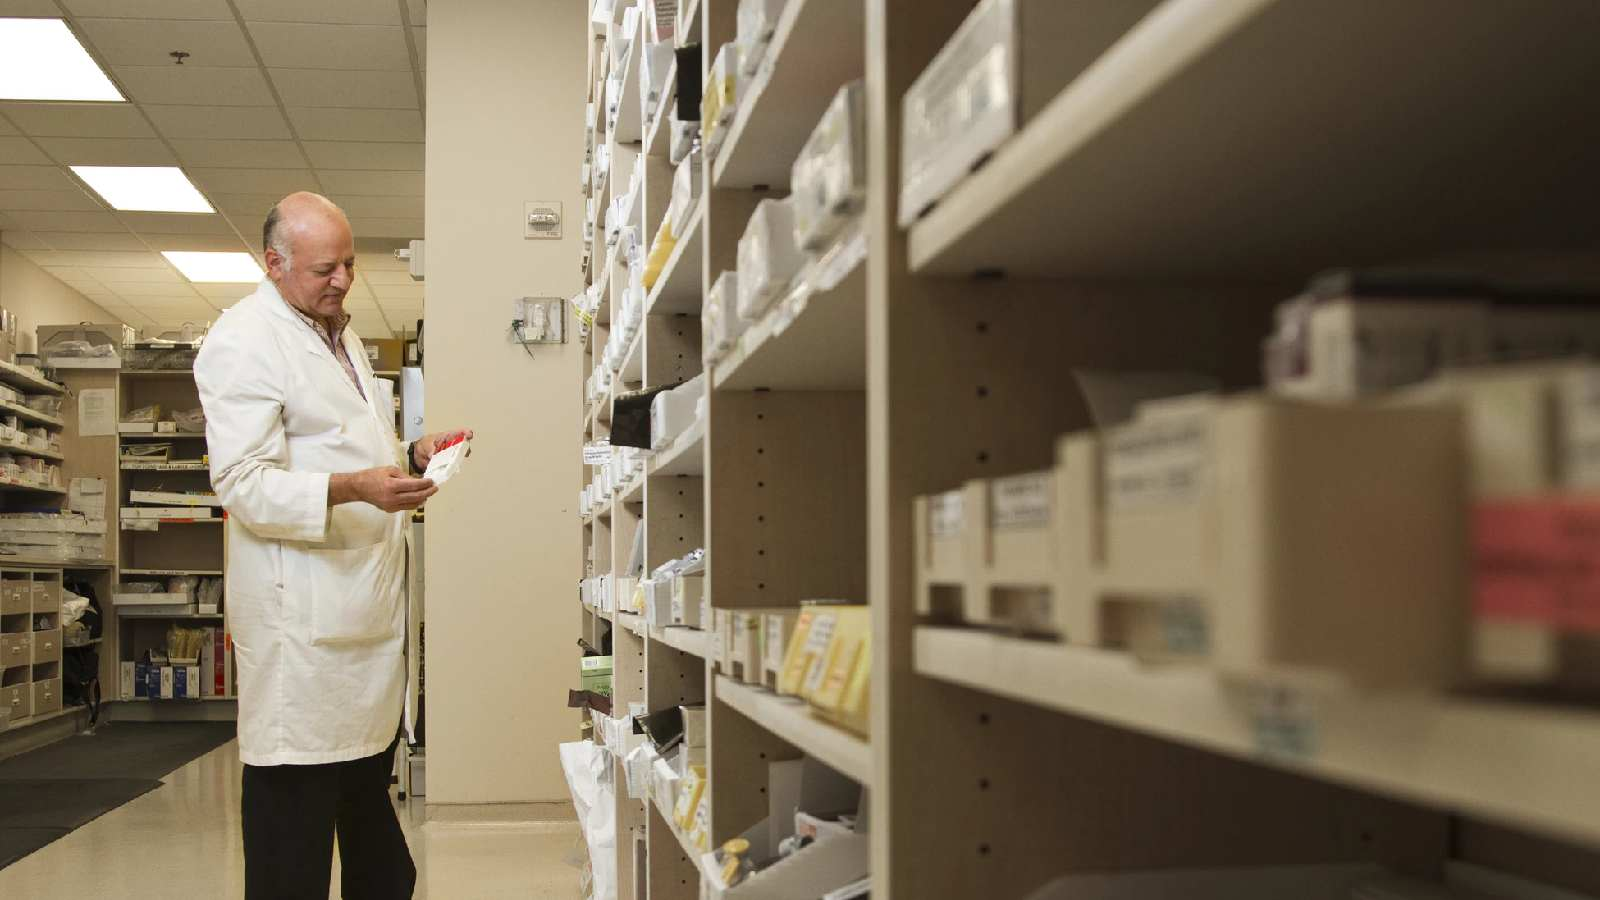 ייעוץ עם רוקח מוסמך לניפוק קנאביס רפואי